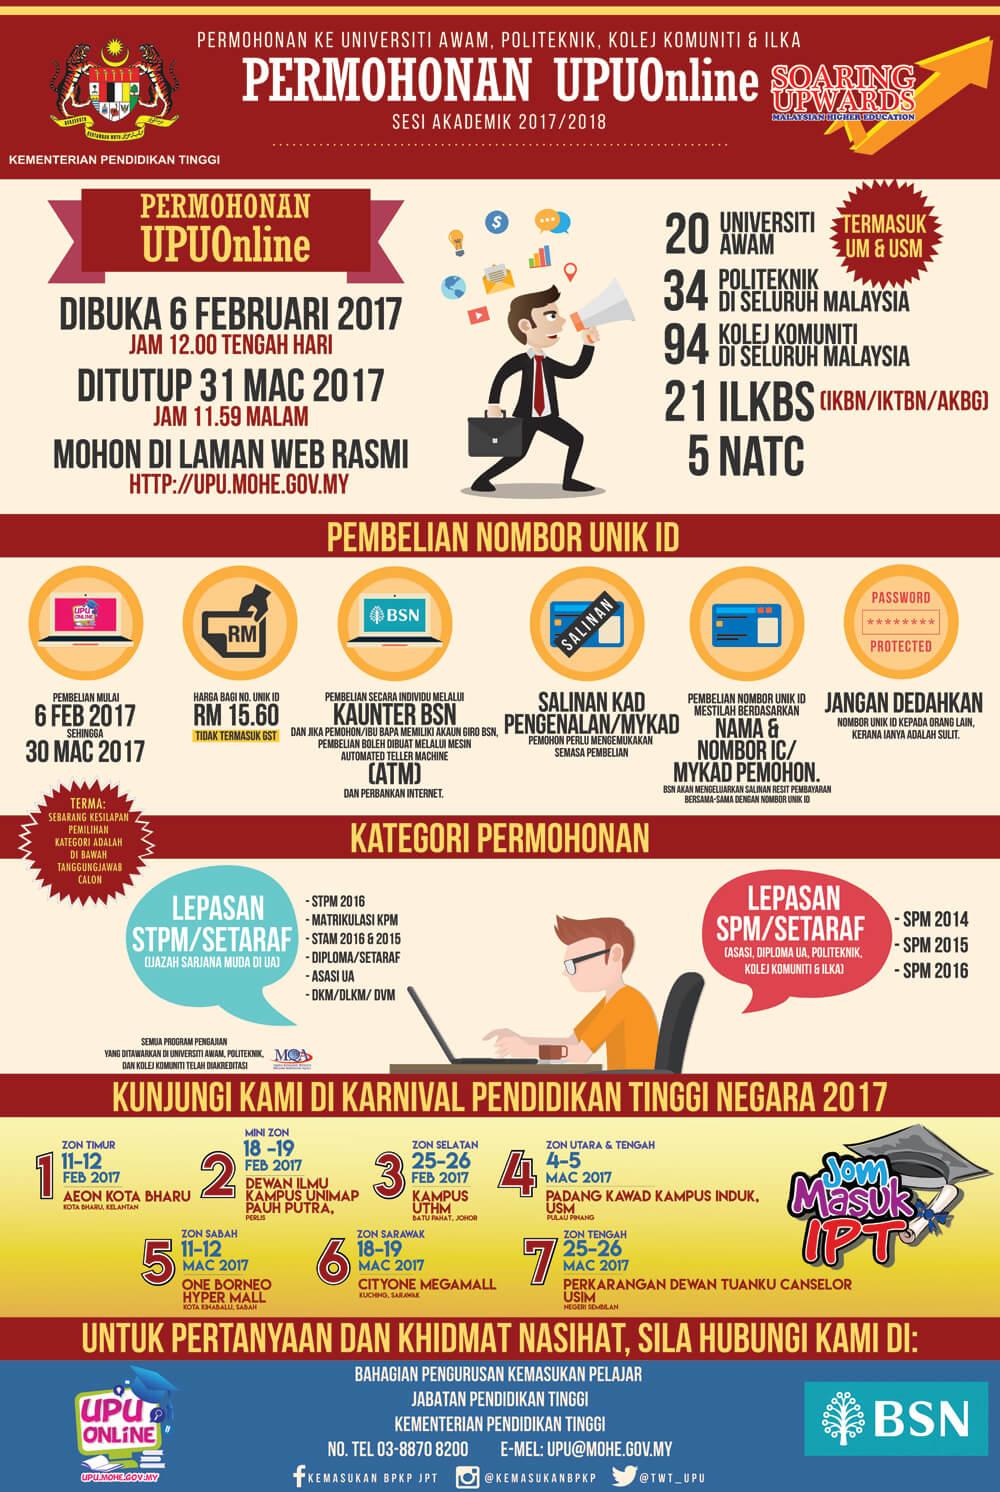 Infografik Permohonan Upu Online 2017 2018 Untuk Lepasan Spm Stpm I Am Pelajar